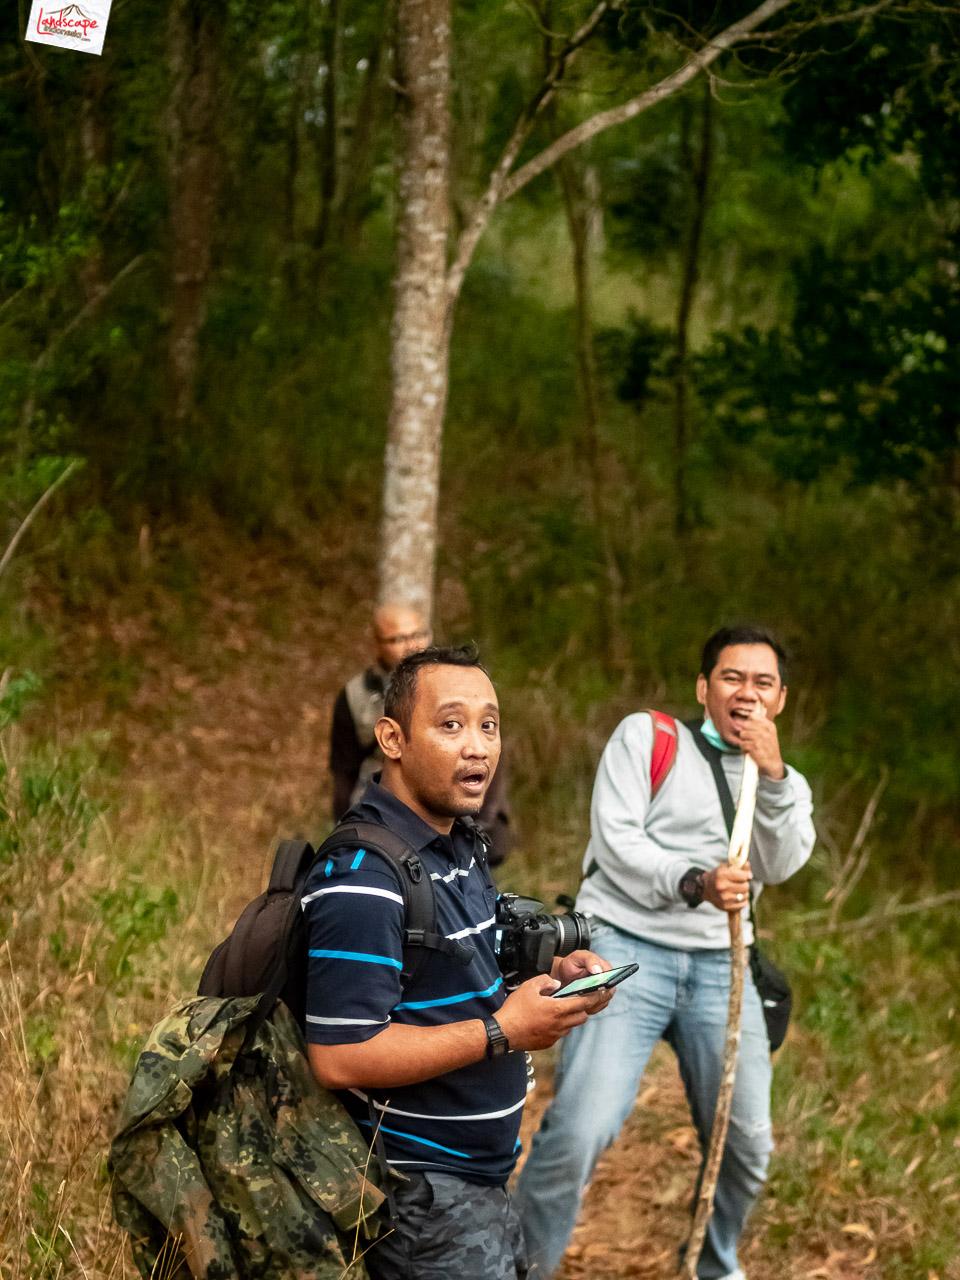 bukit laskar pelangi 3 - Makan Malam di Puncak Bukit Laskar Pelangi